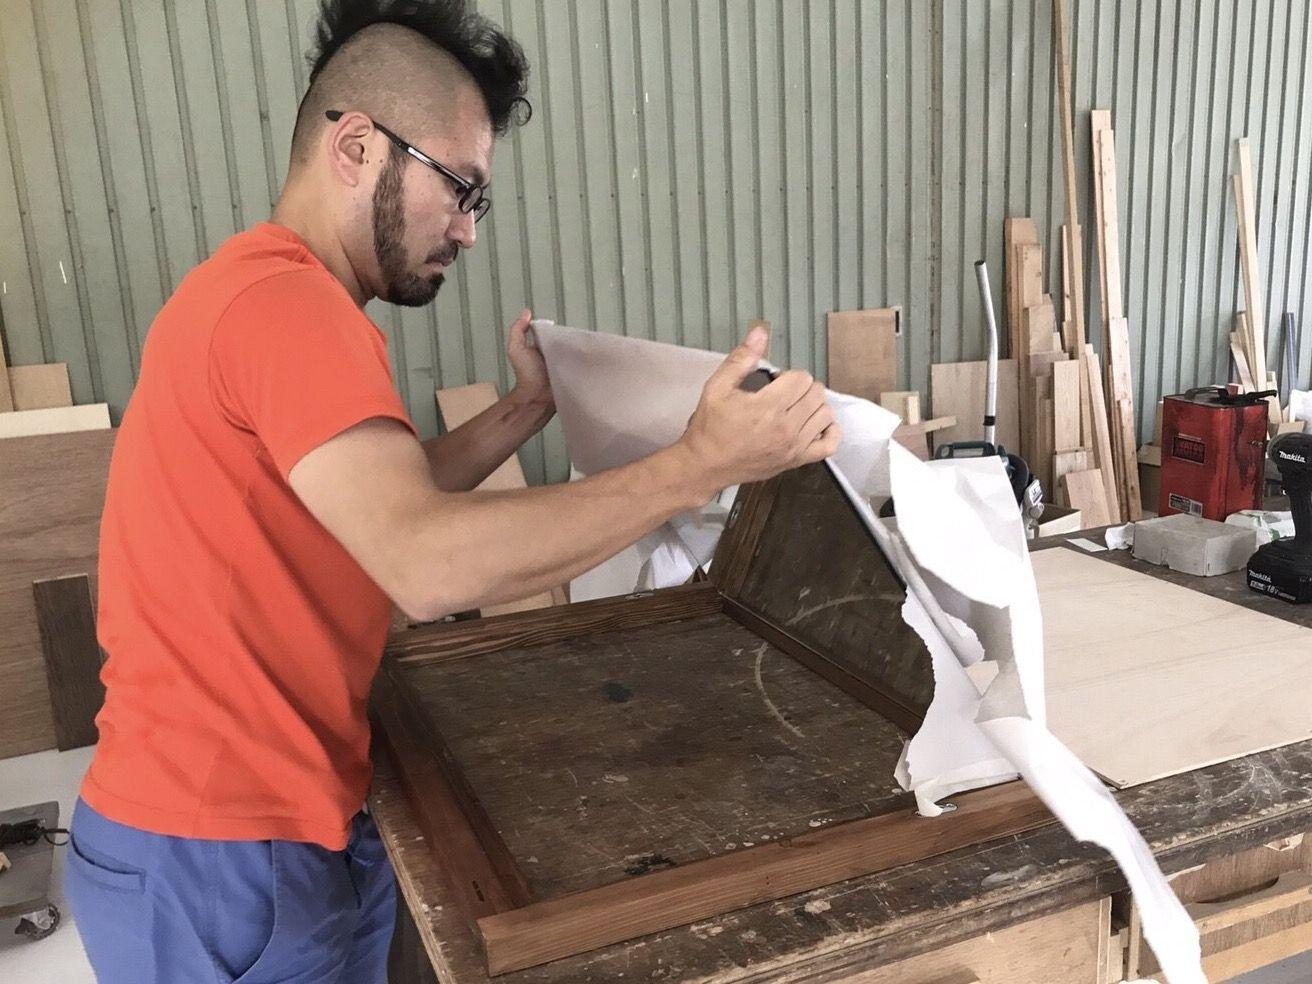 ROOTS FACTORYのオリジナル商品「WFM」のミラー組み付け作業